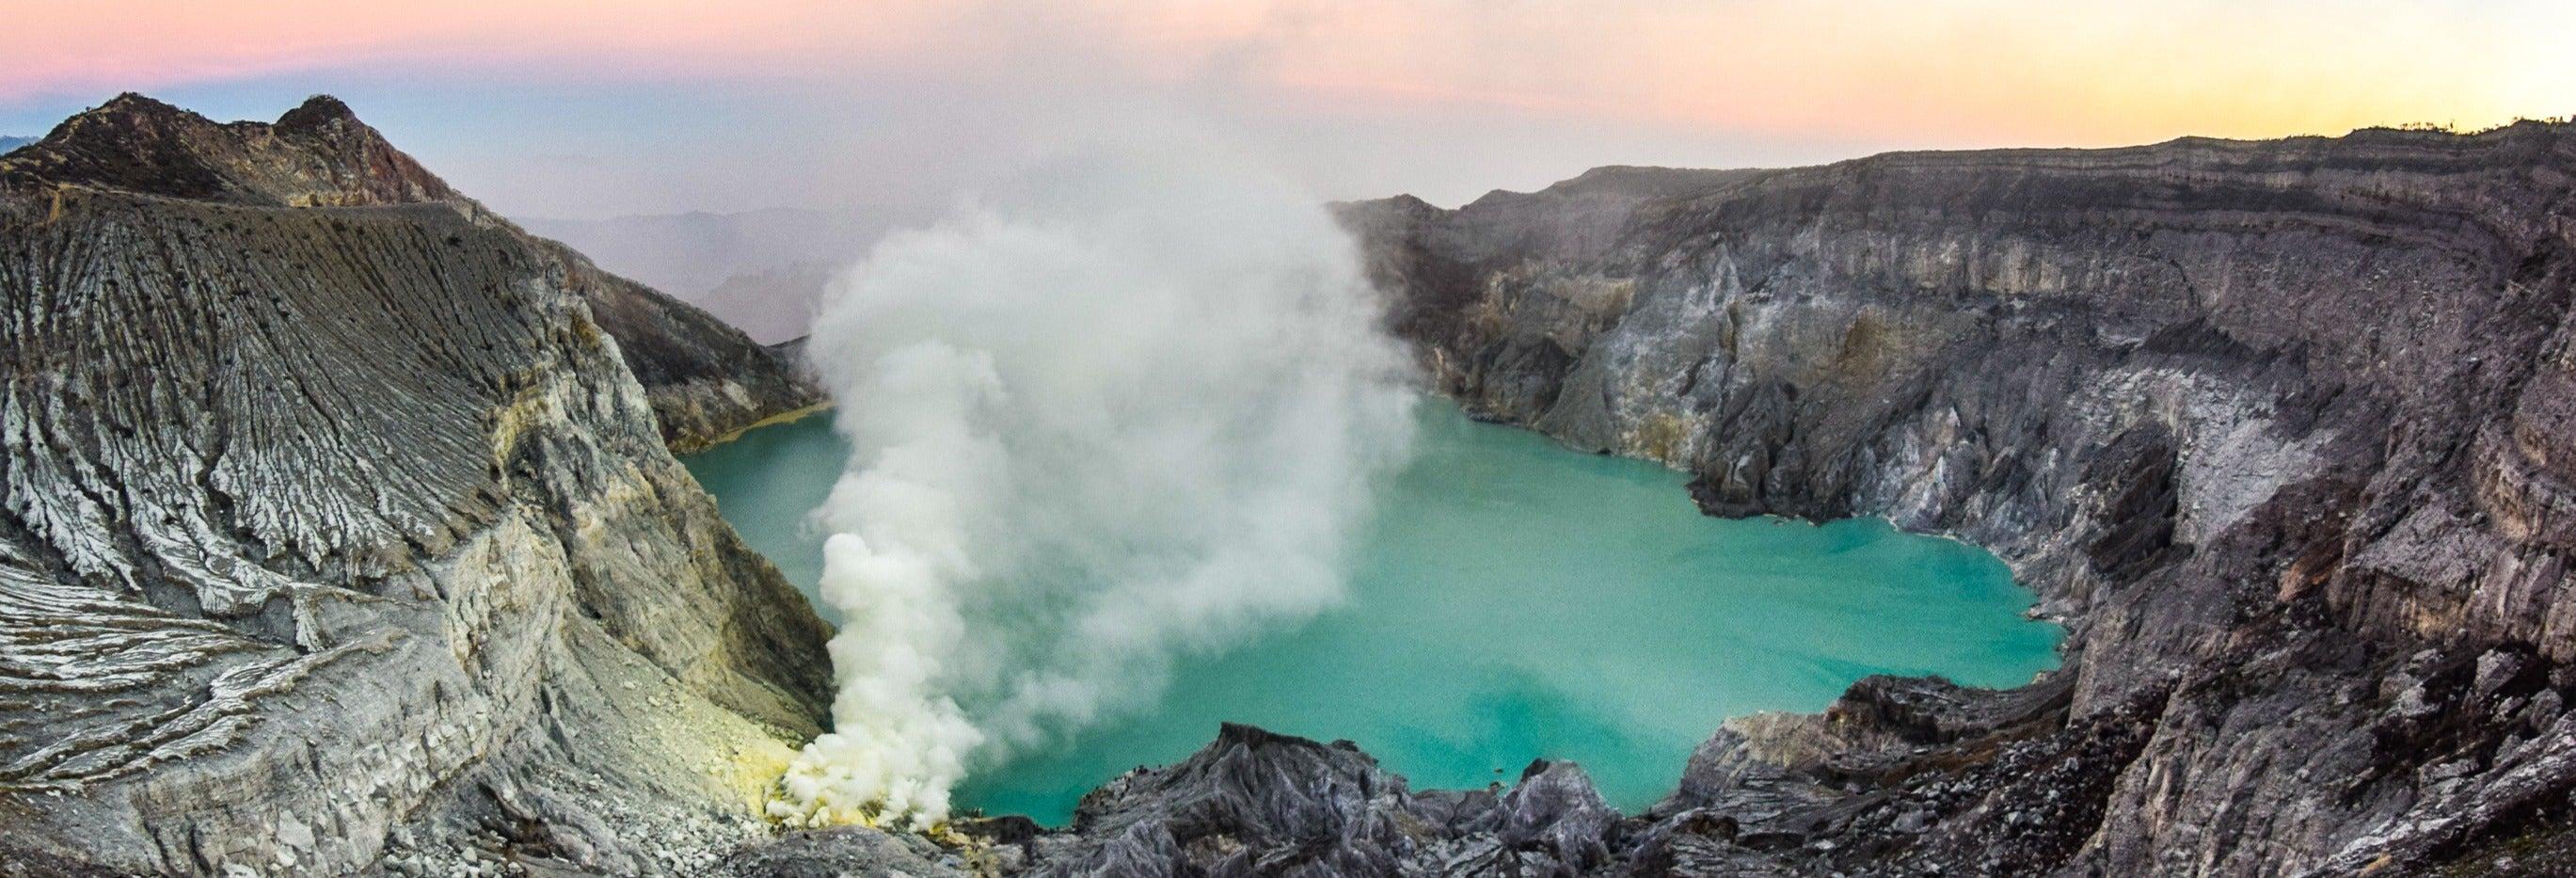 3 giorni al Monte Bromo e Ijen da Surabaya fino a Bali